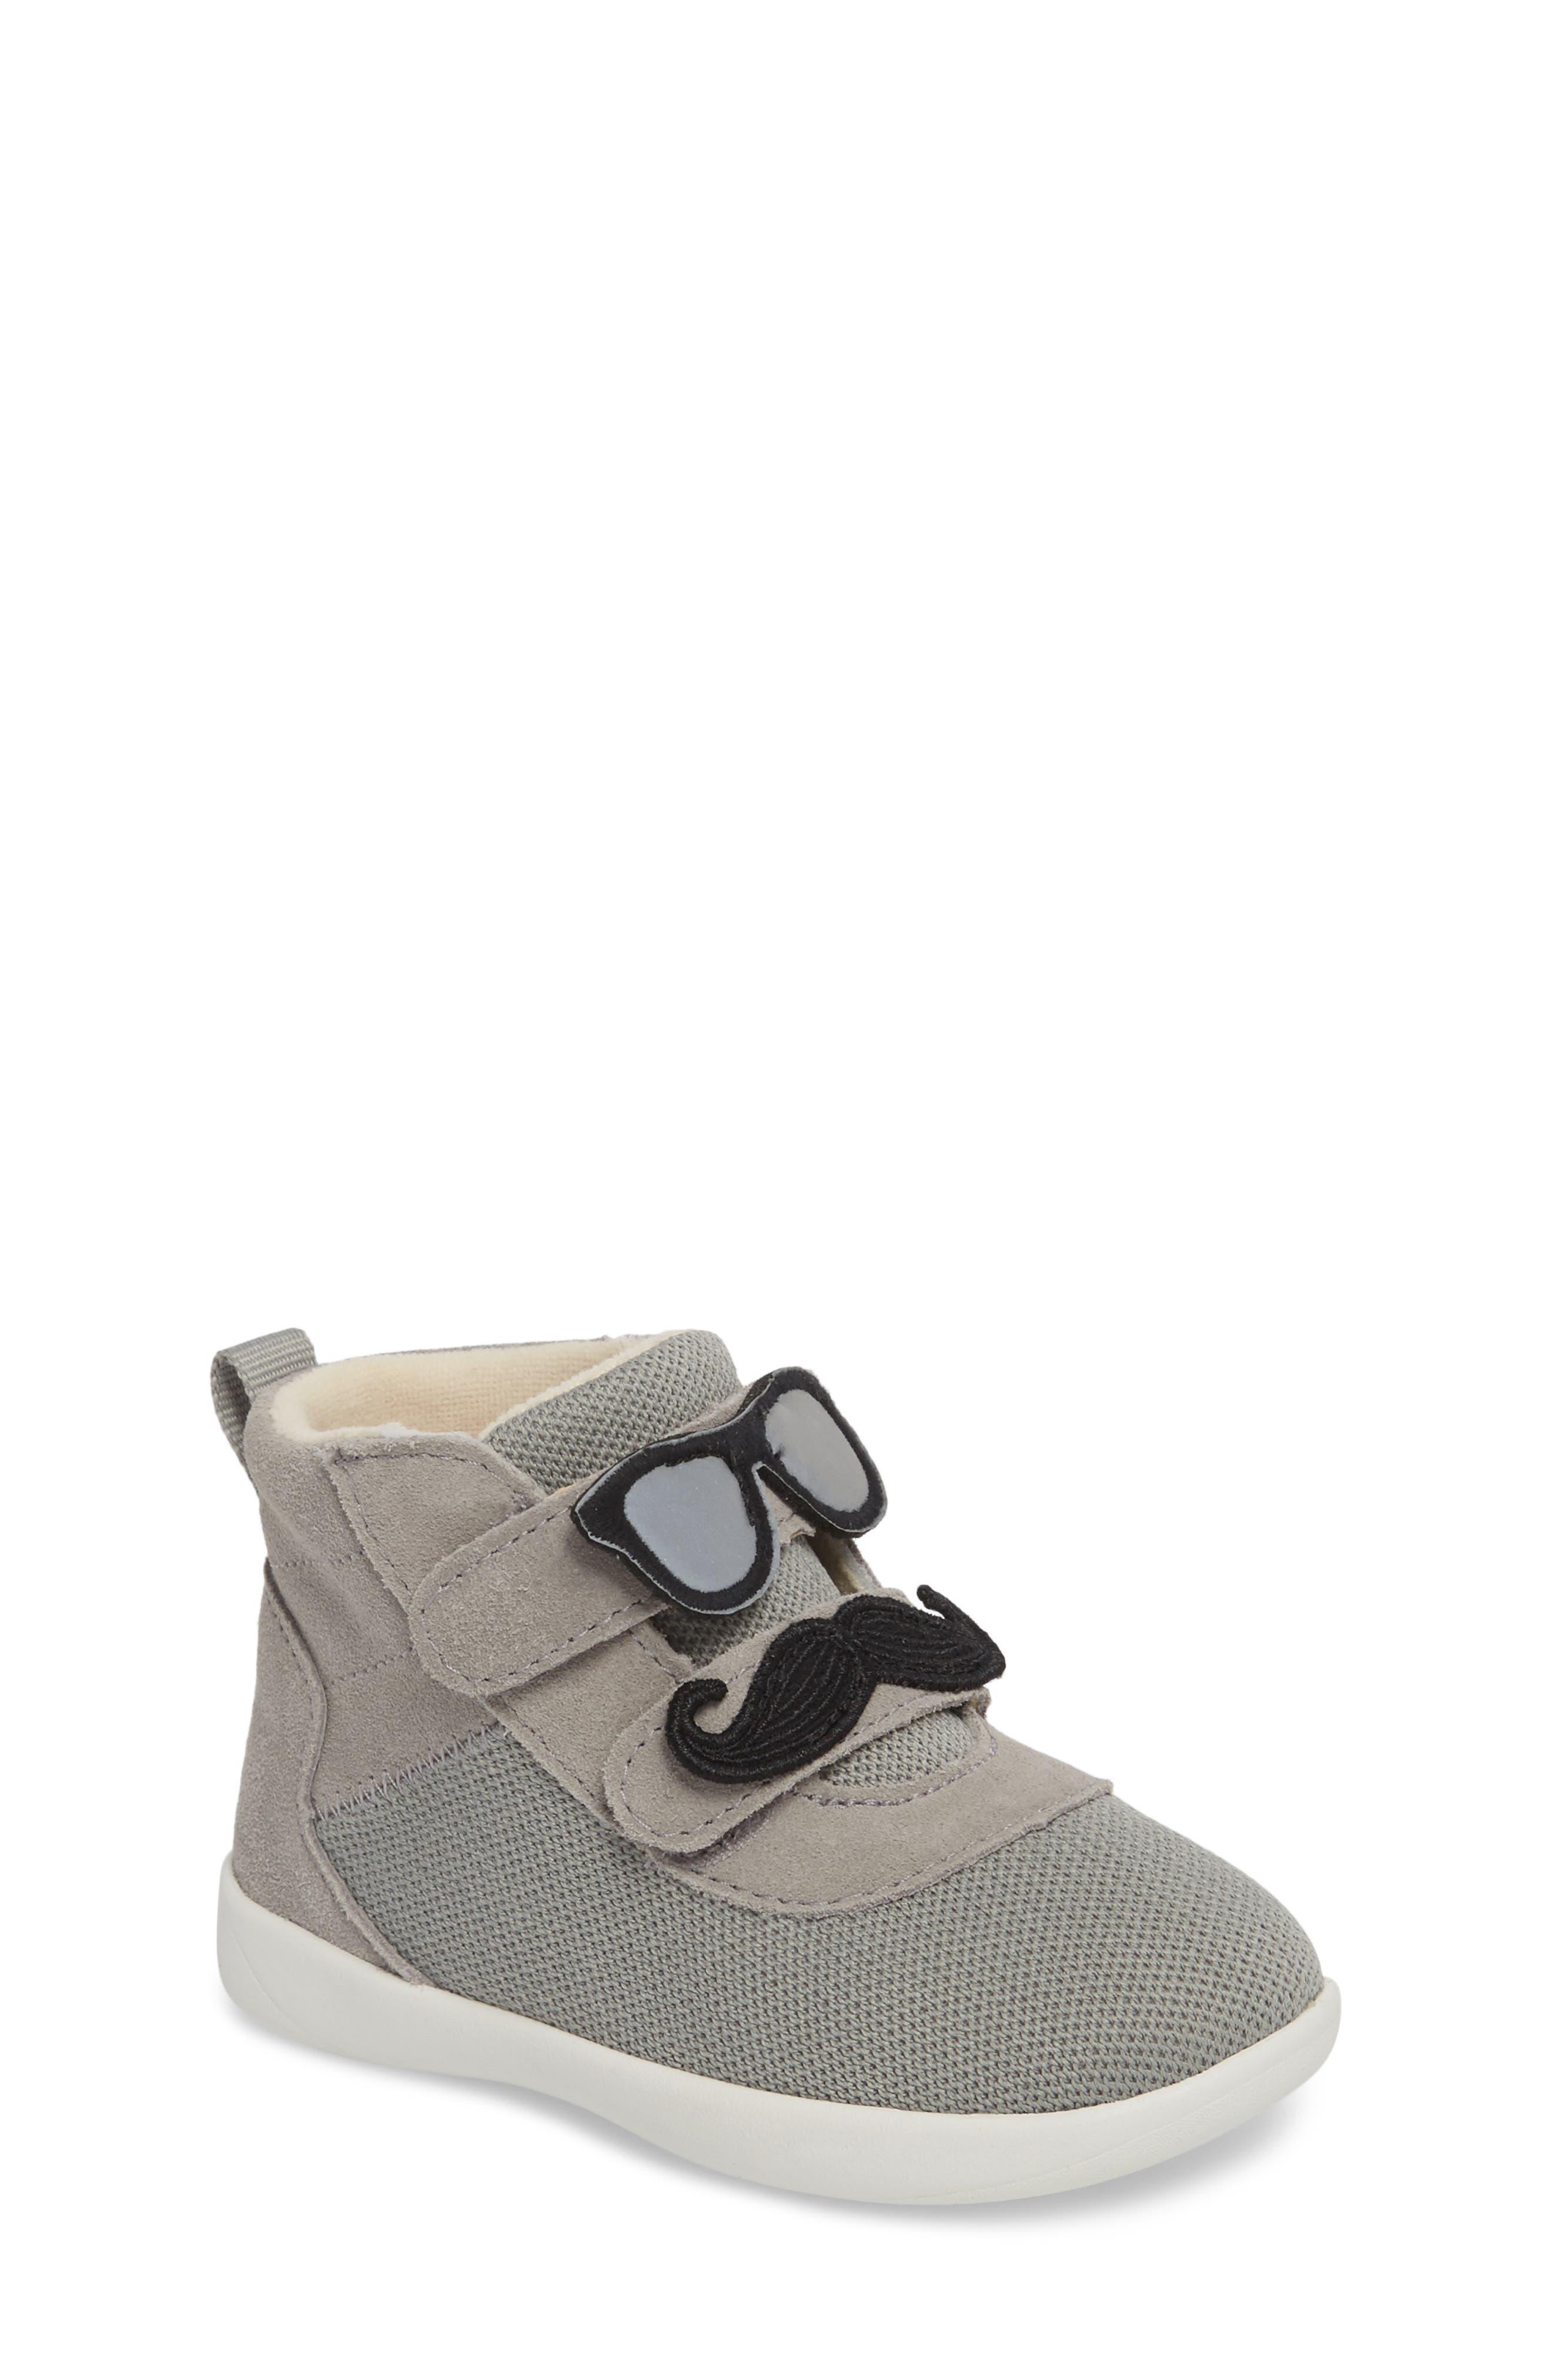 Drex Sunglasses & Mustache Appliqué Sneaker,                         Main,                         color, Seal